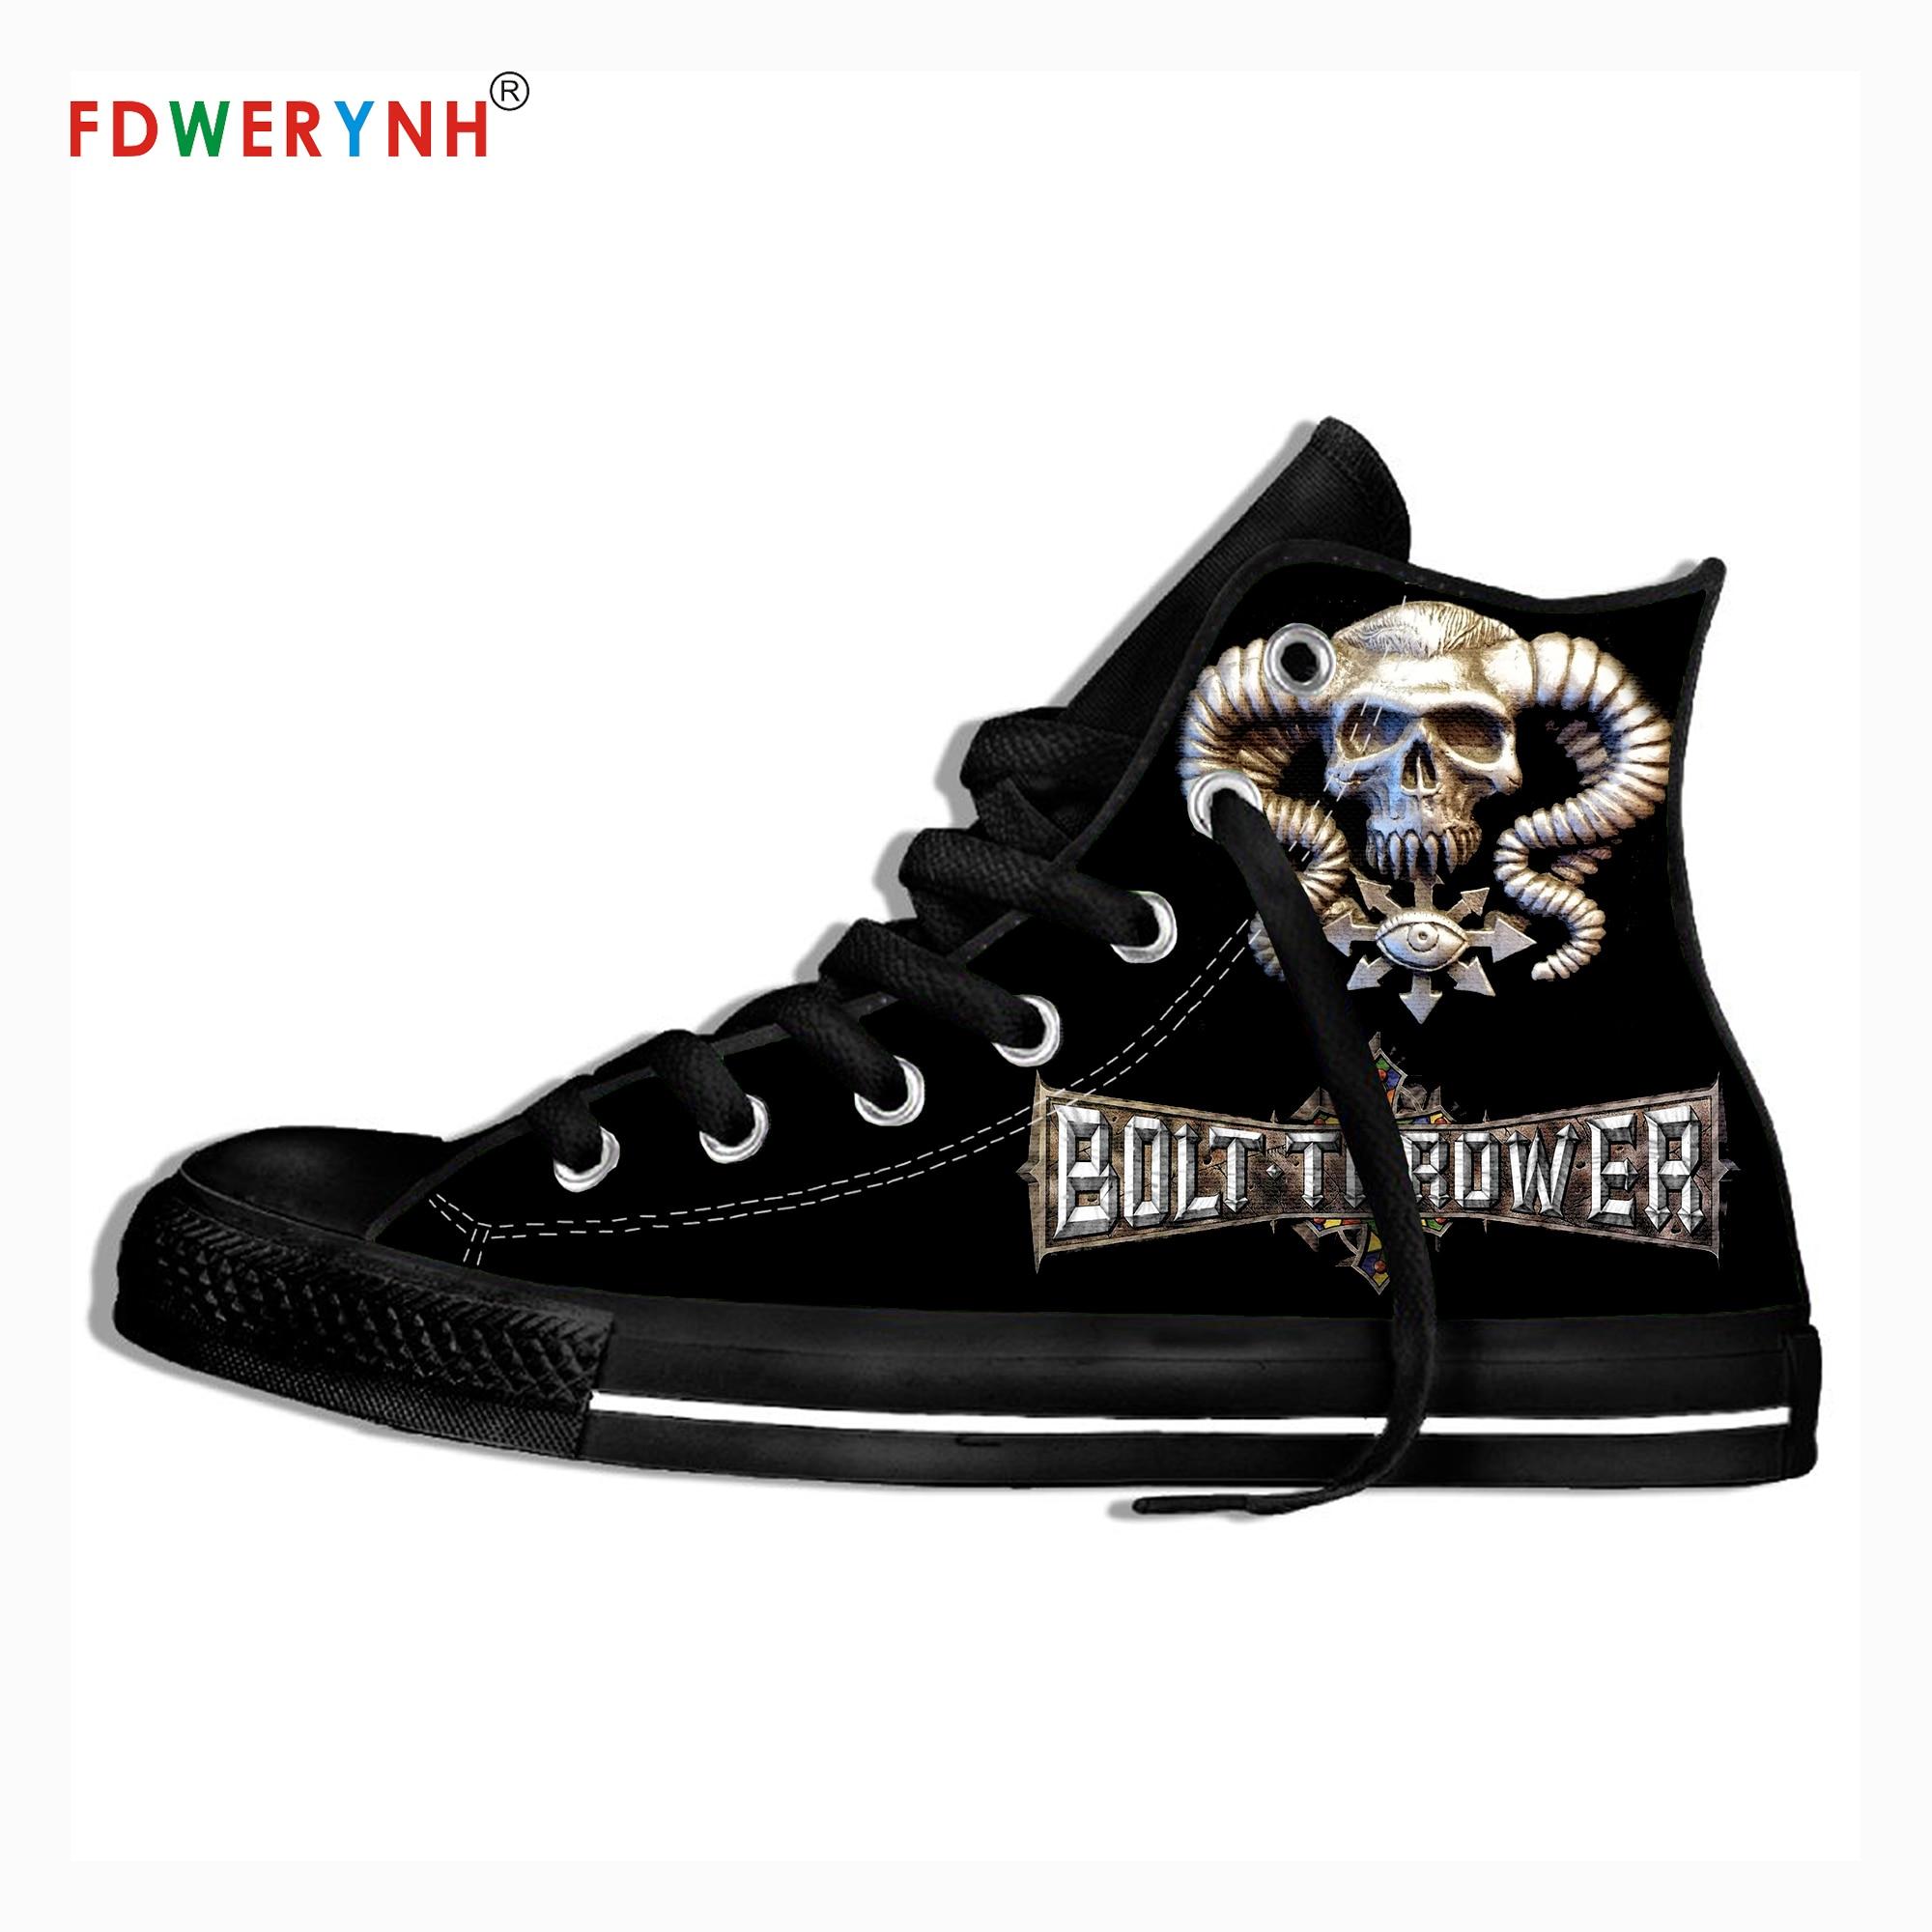 Zapatos informales para hombre, Bolt Thrower ventiladores de música, logotipo de banda de Metal pesado, zapatos personalizados, zapatos informales de lona con encaje ligero y transpirable